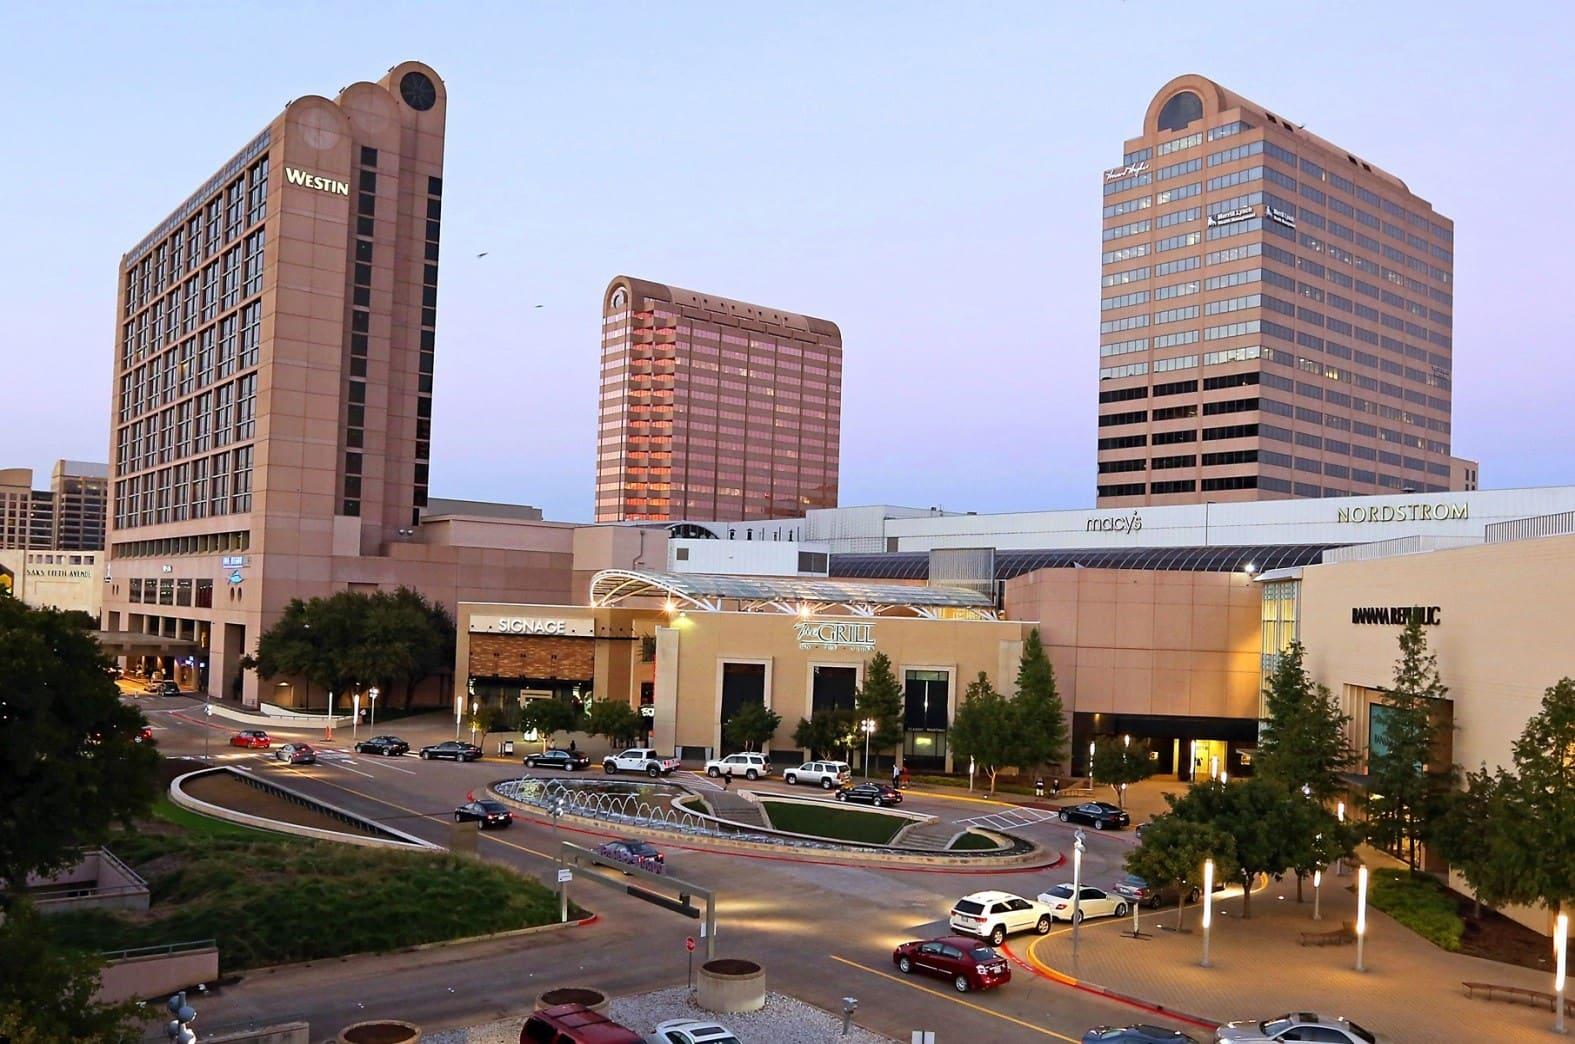 Dallas Galleria Marriott